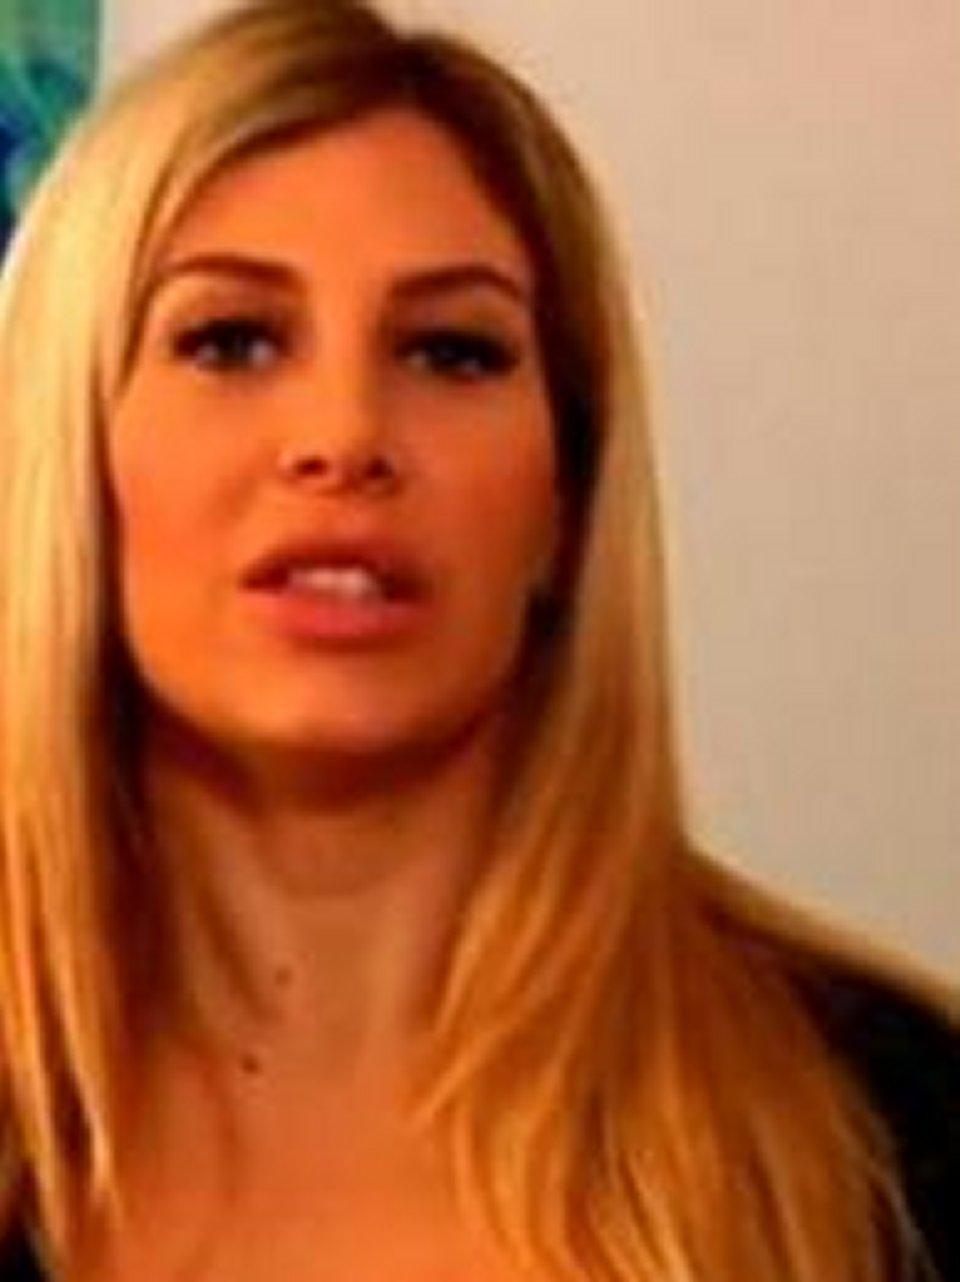 Paola Caruso ecco perchè è finita con Moreno Merlo